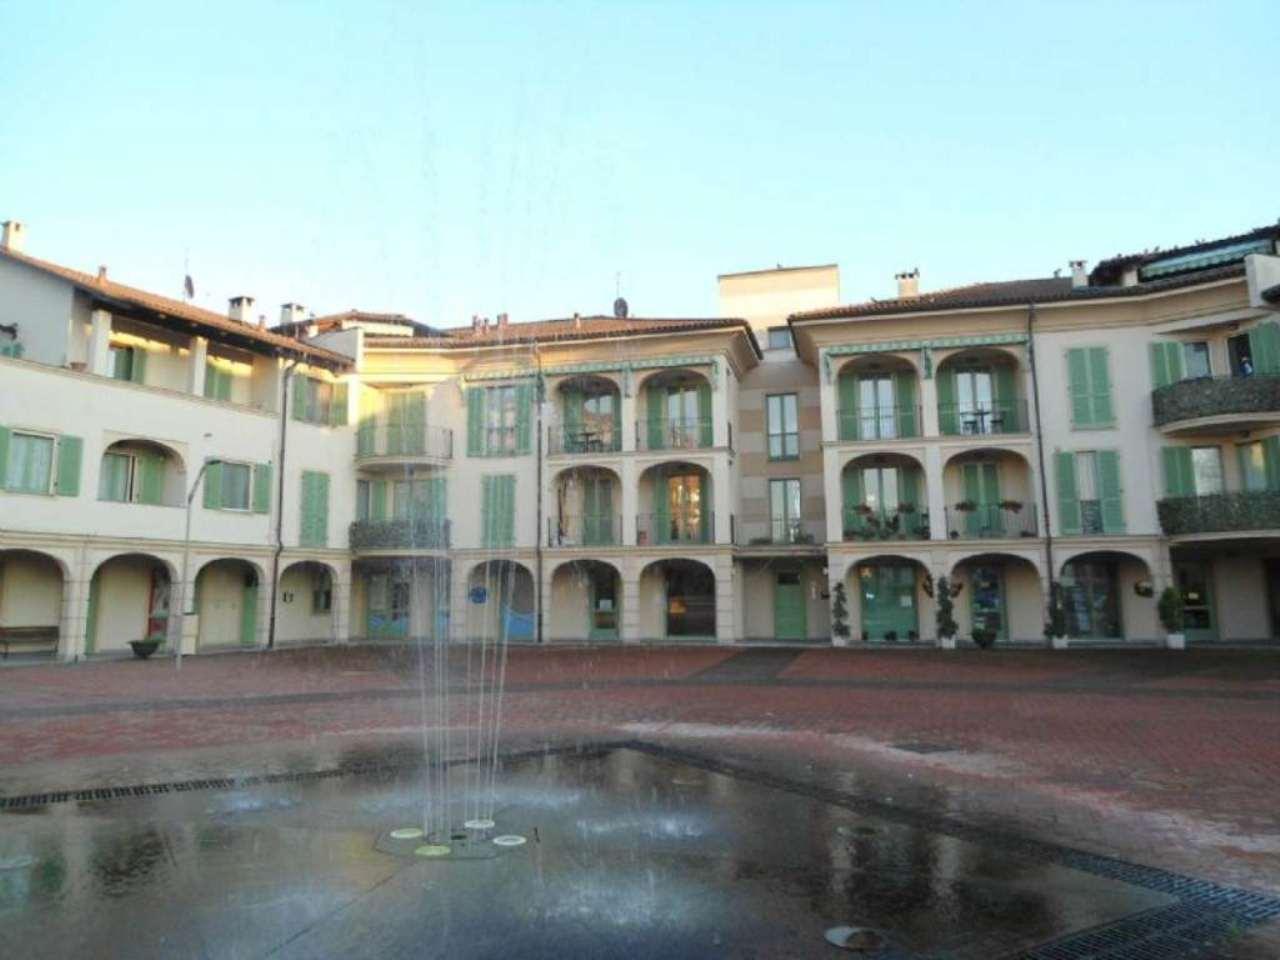 Negozio / Locale in vendita a Villanova d'Asti, 9999 locali, prezzo € 115.000 | Cambio Casa.it